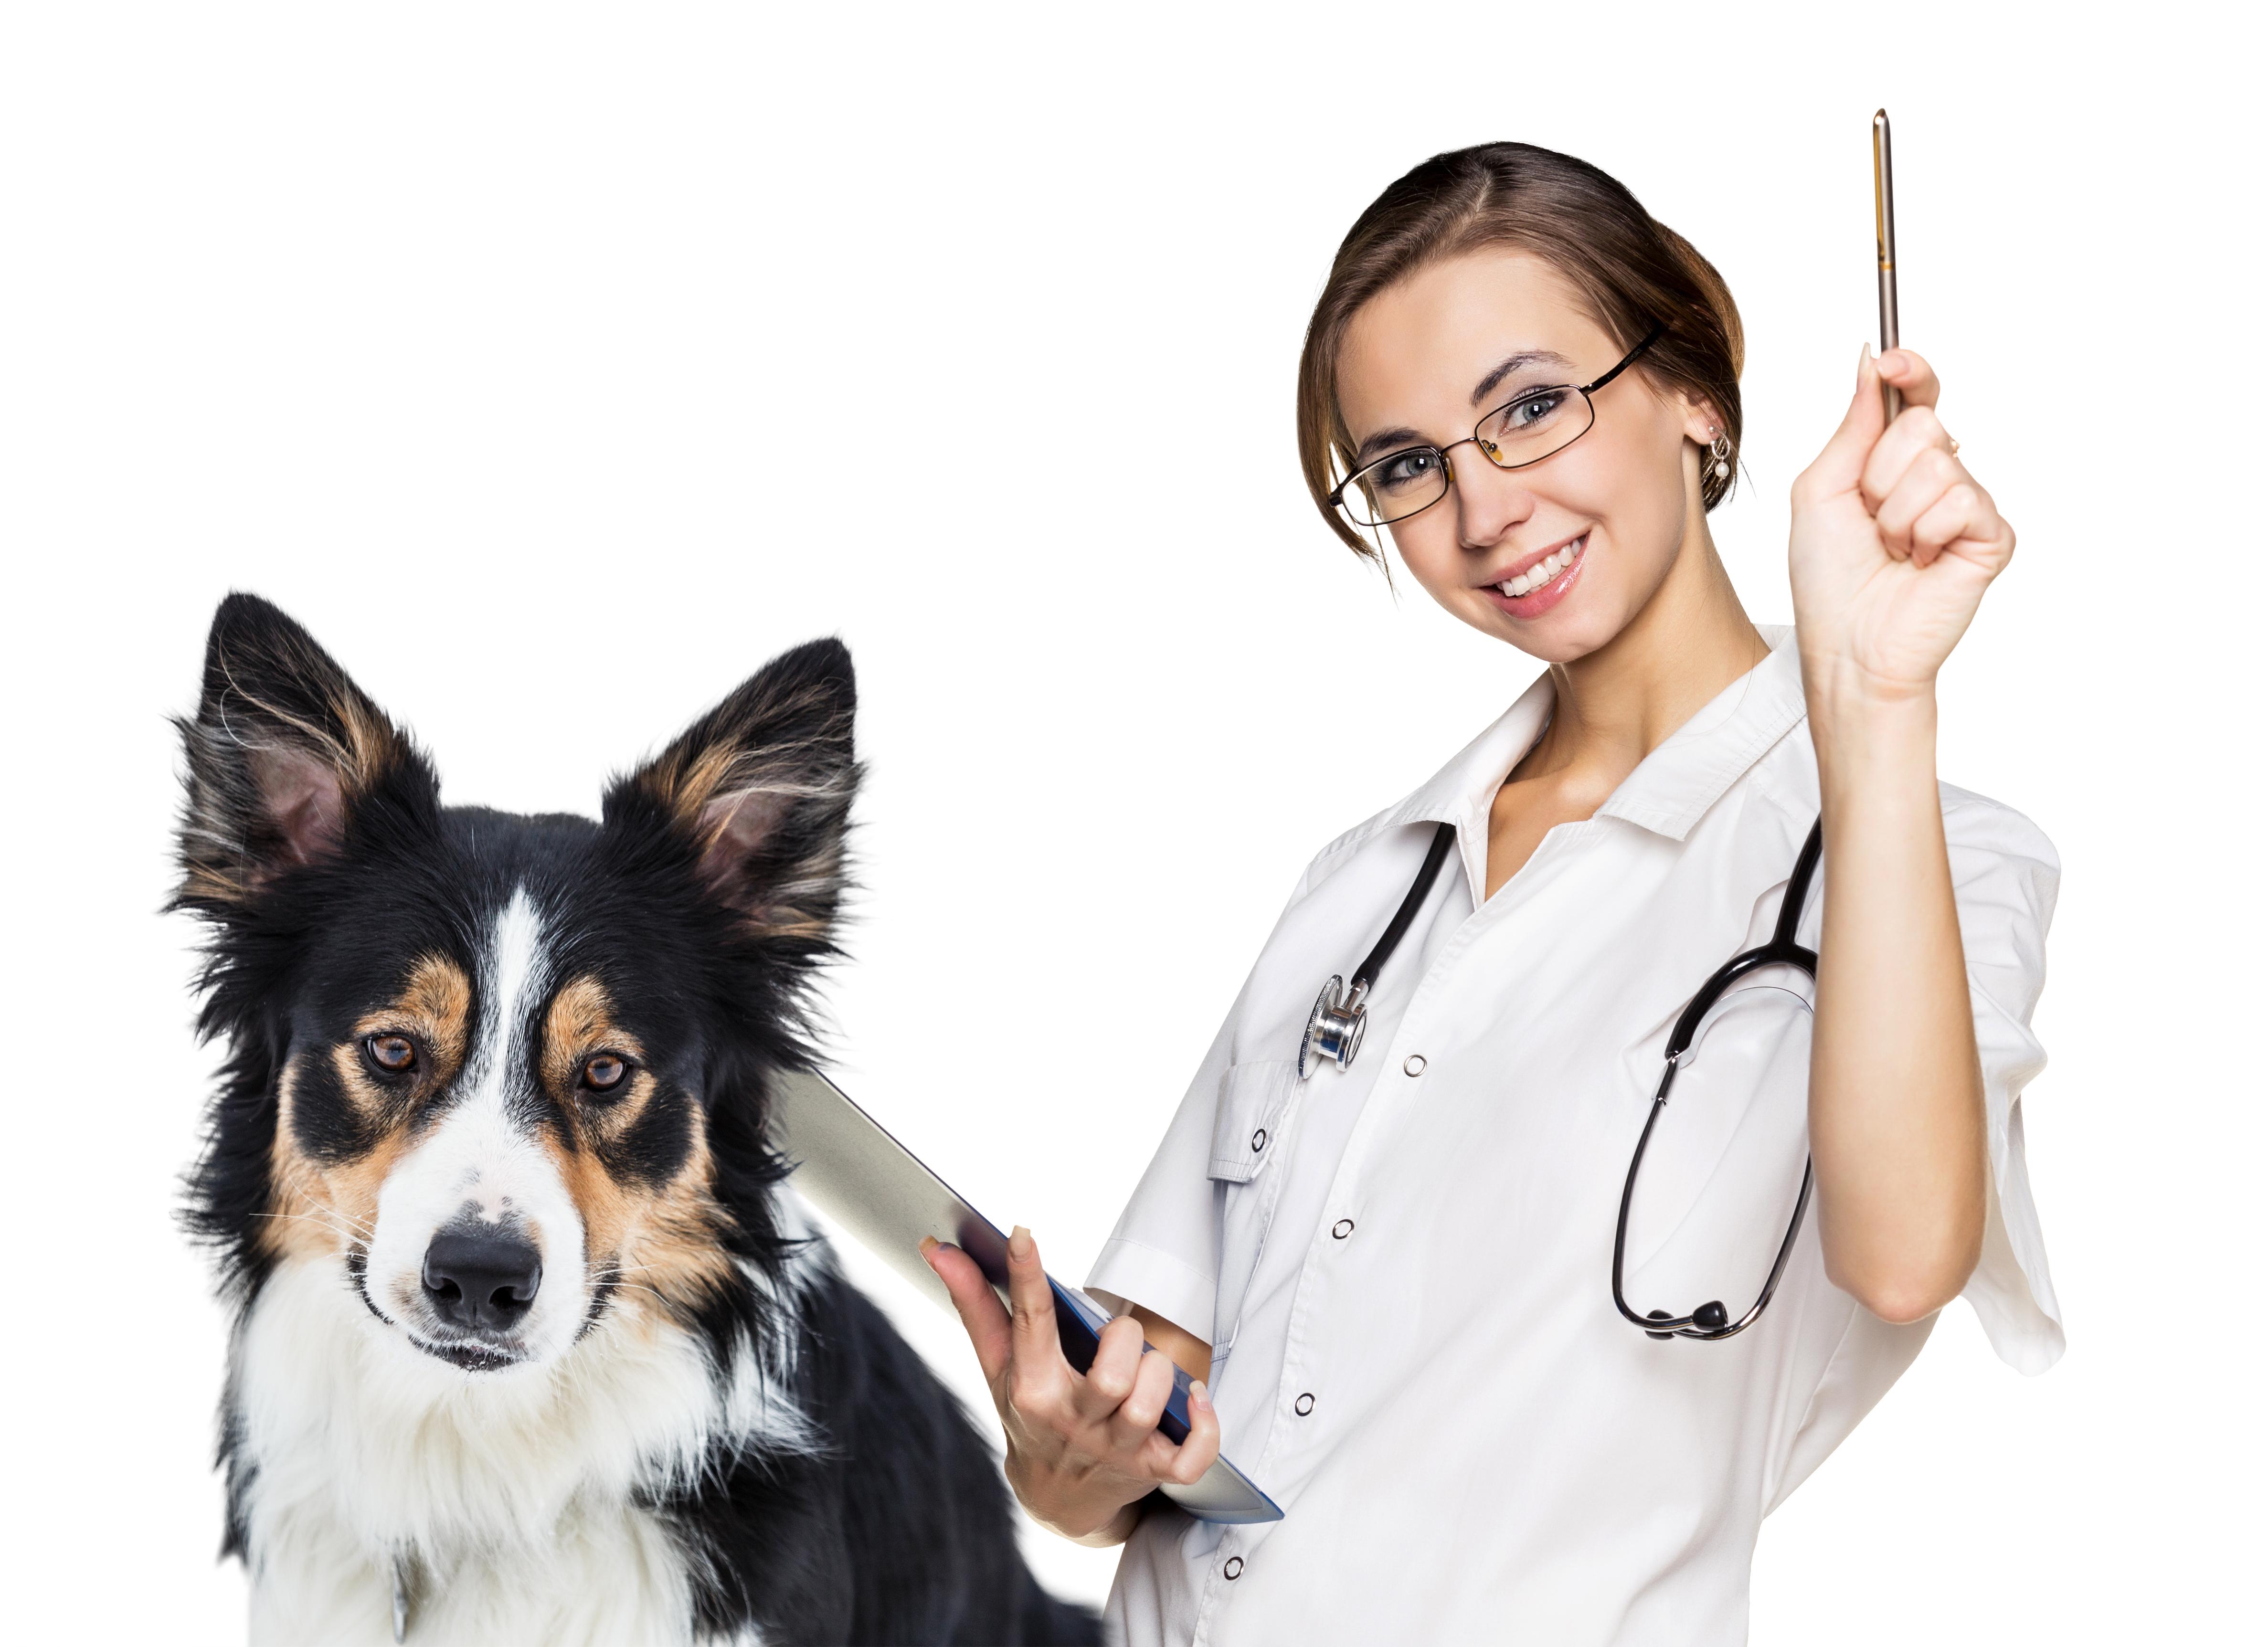 употребляемые картинка доктора для животных первый